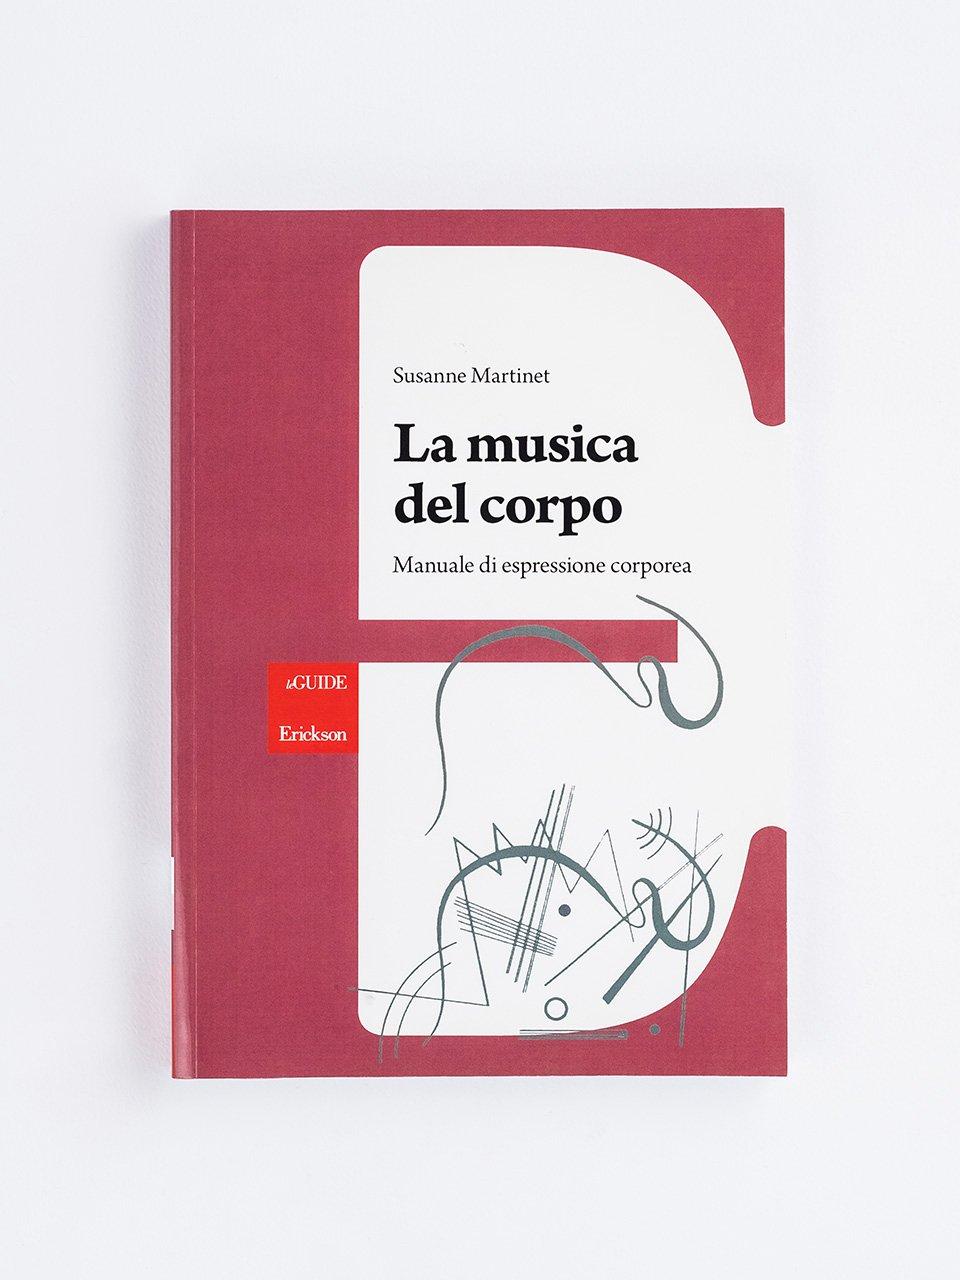 La musica del corpo - Musicalità e pratiche inclusive - Libri - Erickson